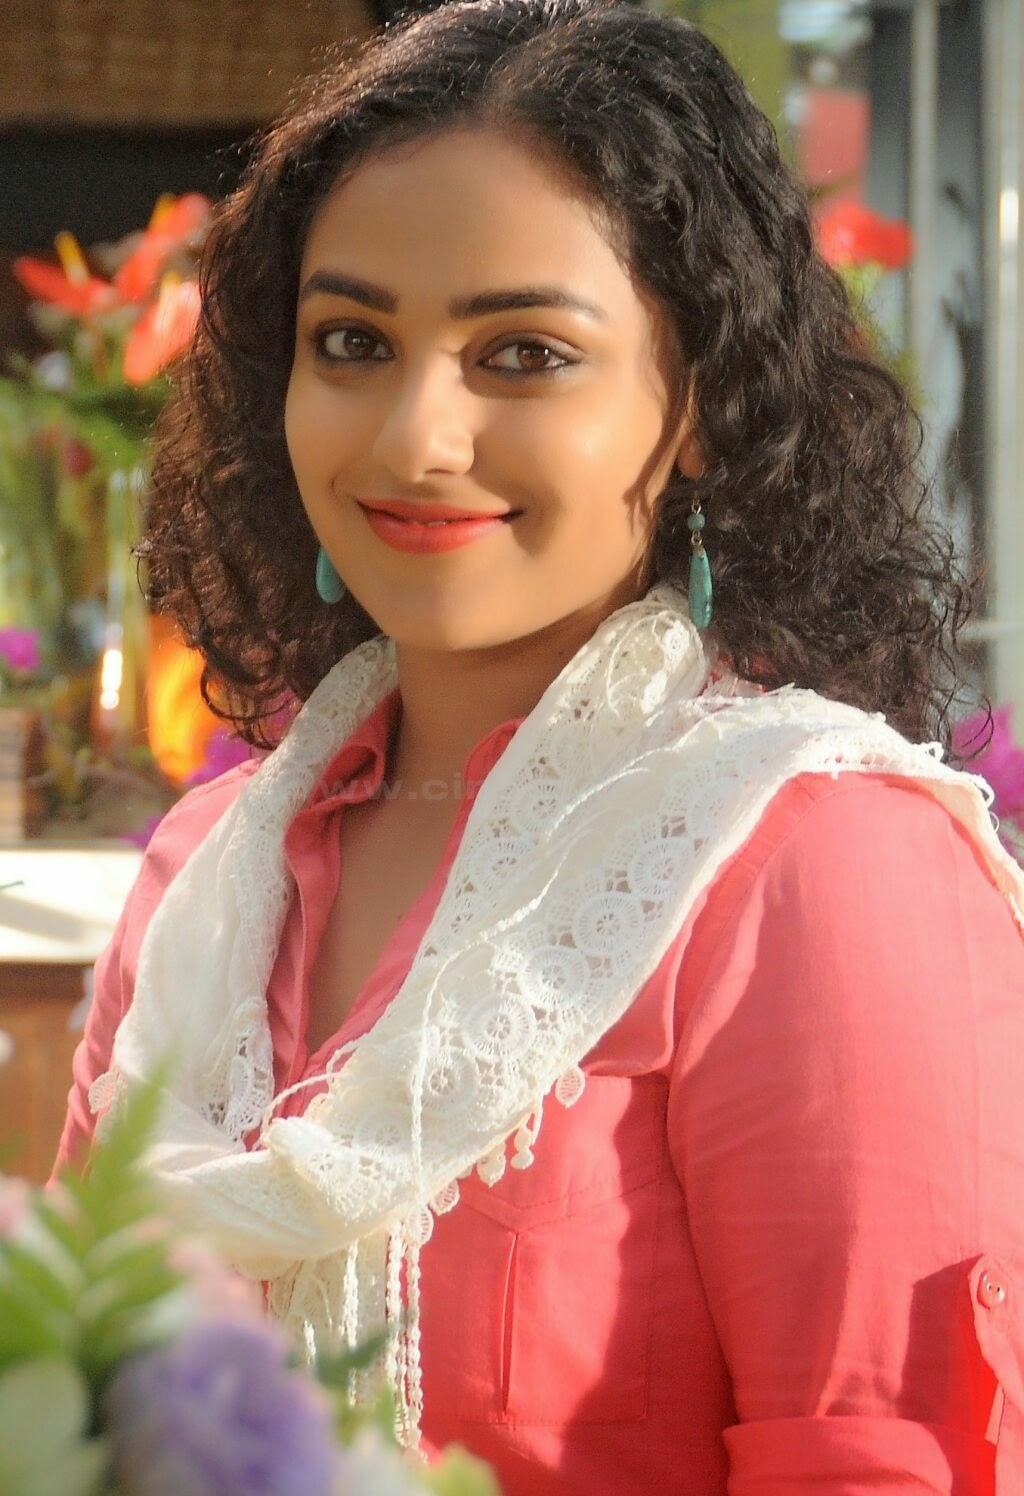 usa adsense account : Nithya Menon Wallpapers Free